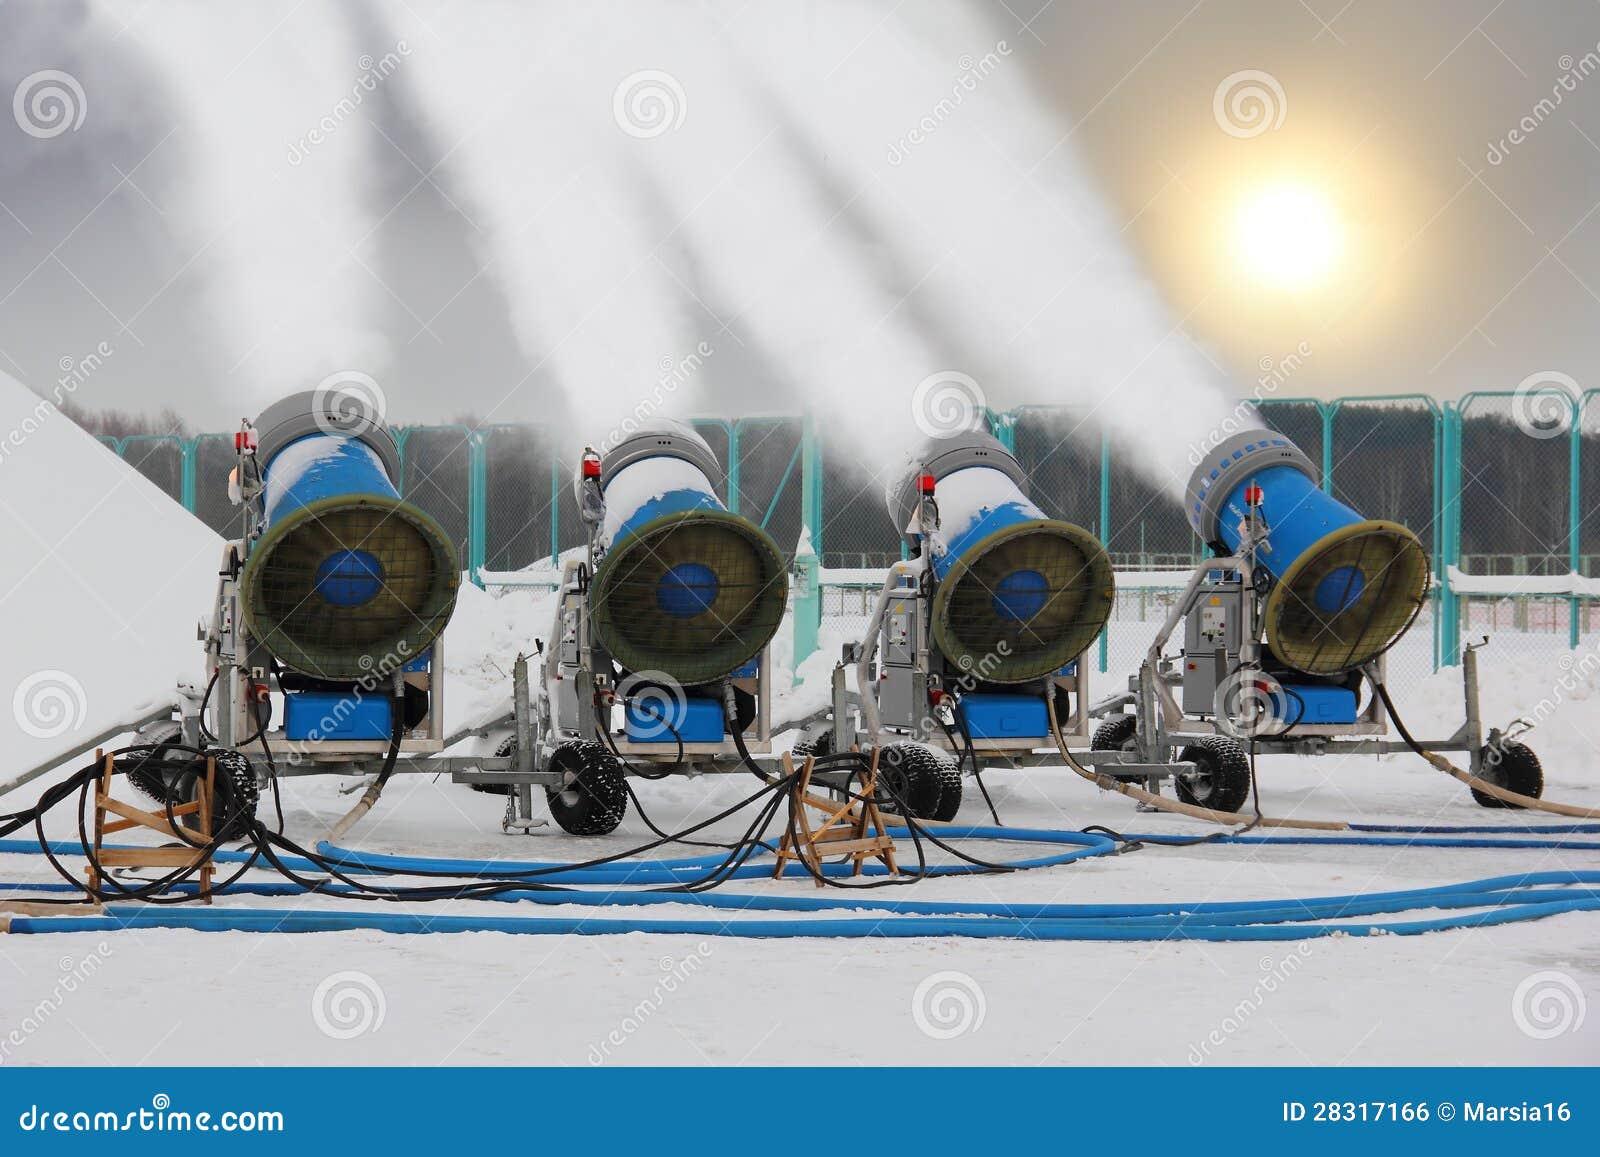 Snow Making Guns Royalty Free Stock Image Image 28317166